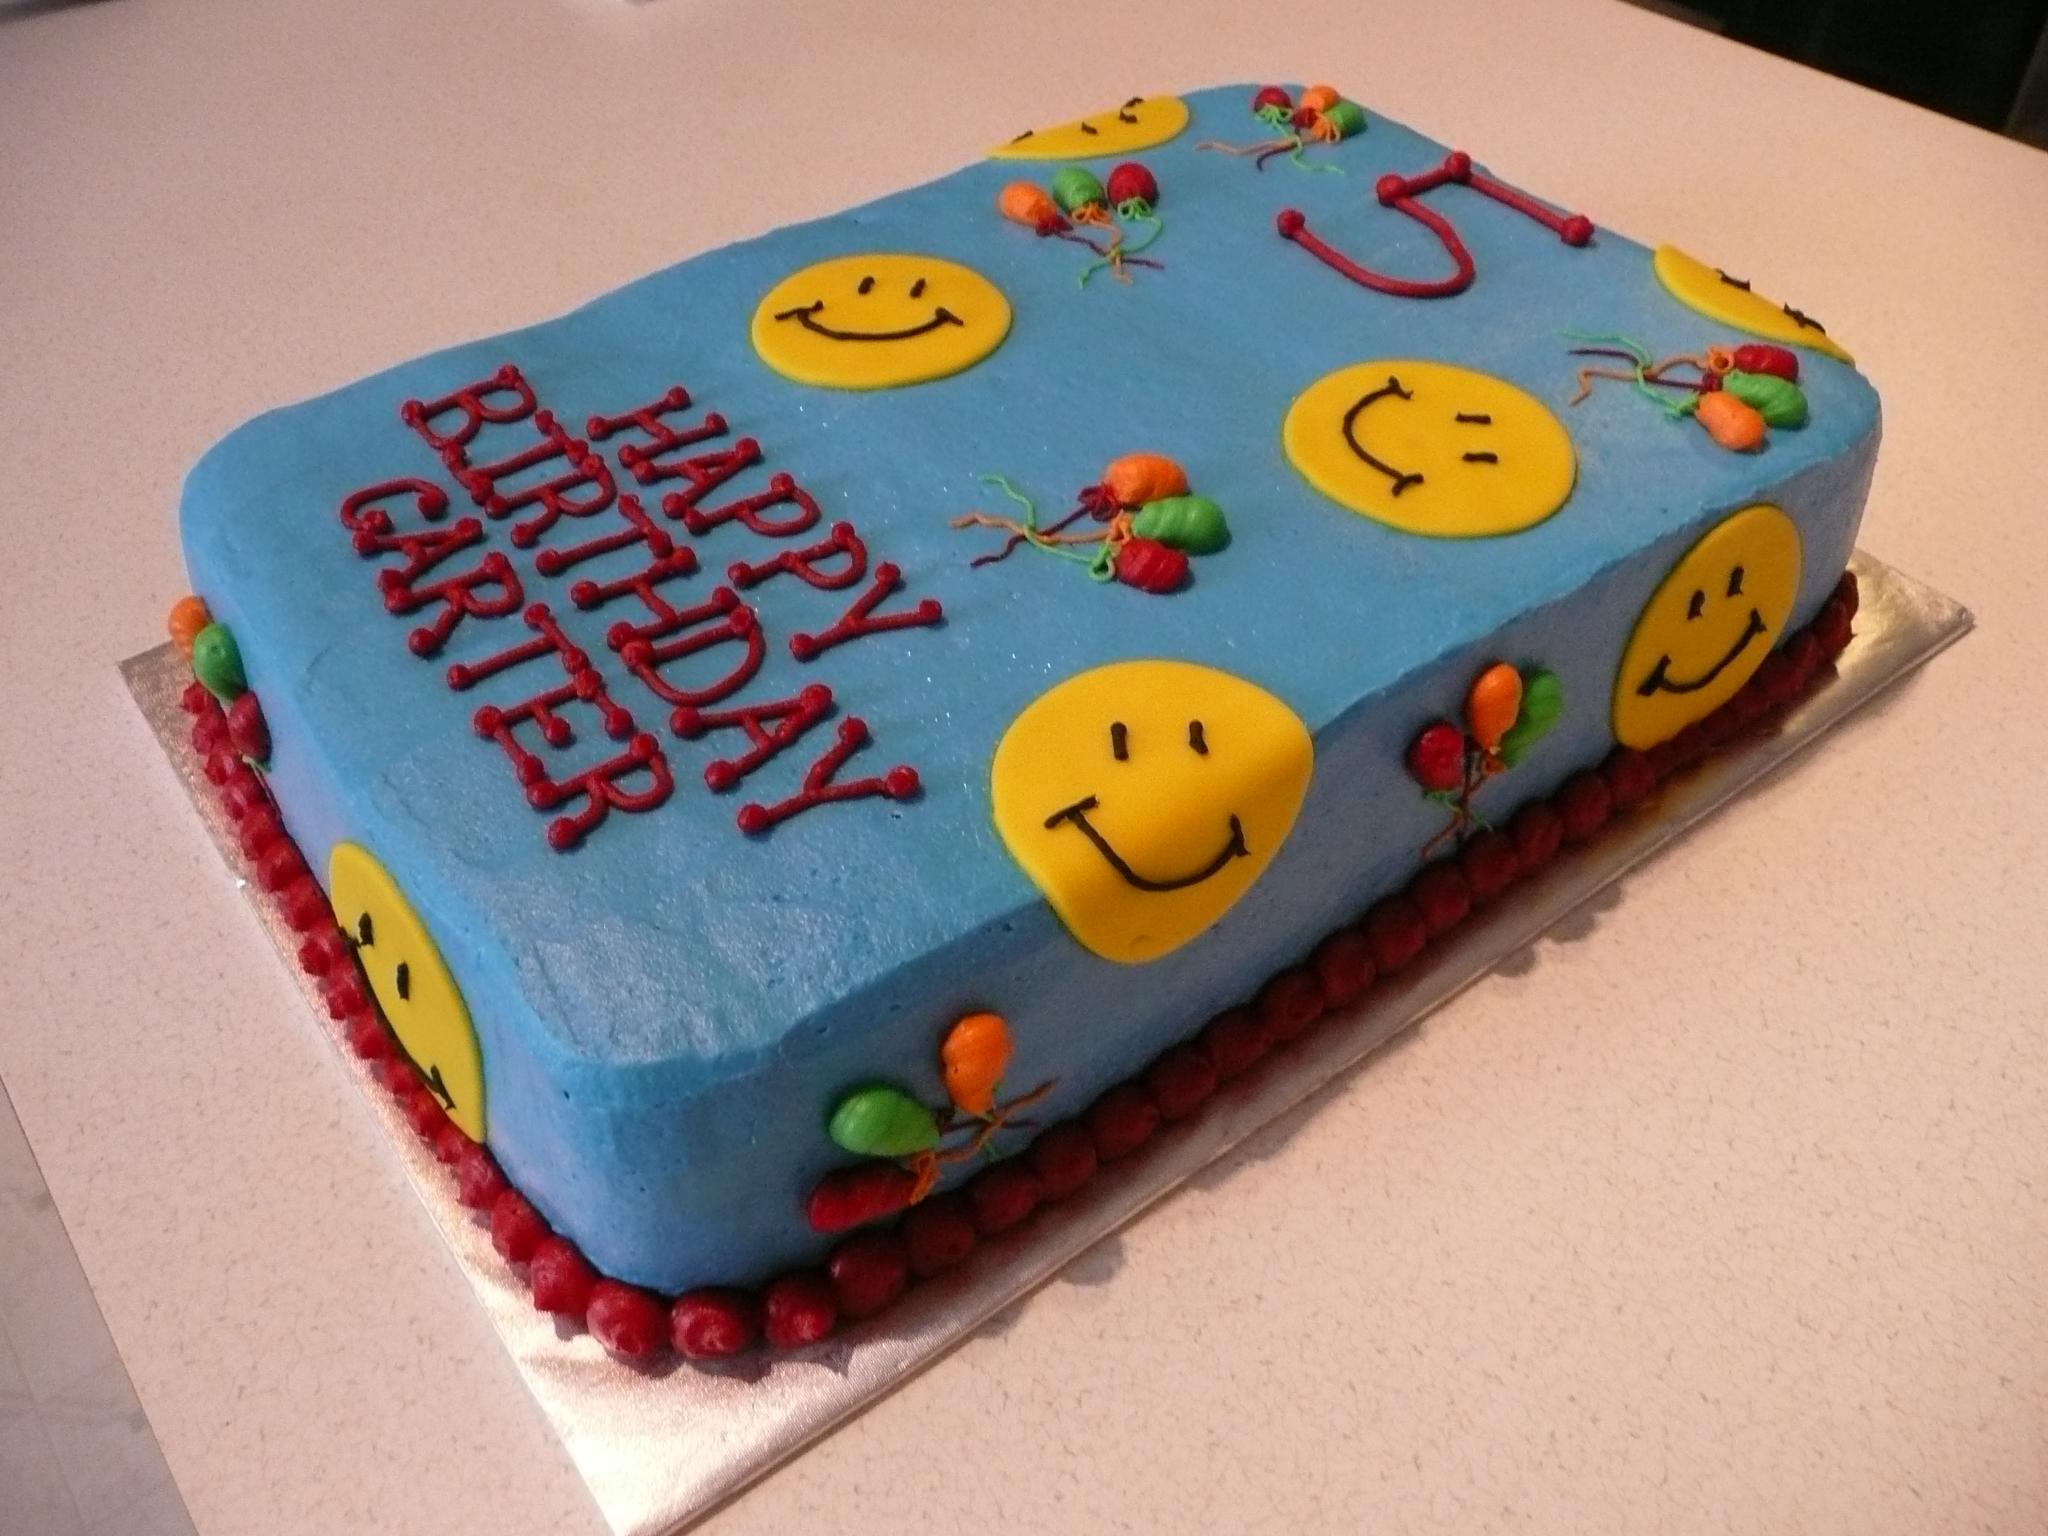 Торт со смайликами фото